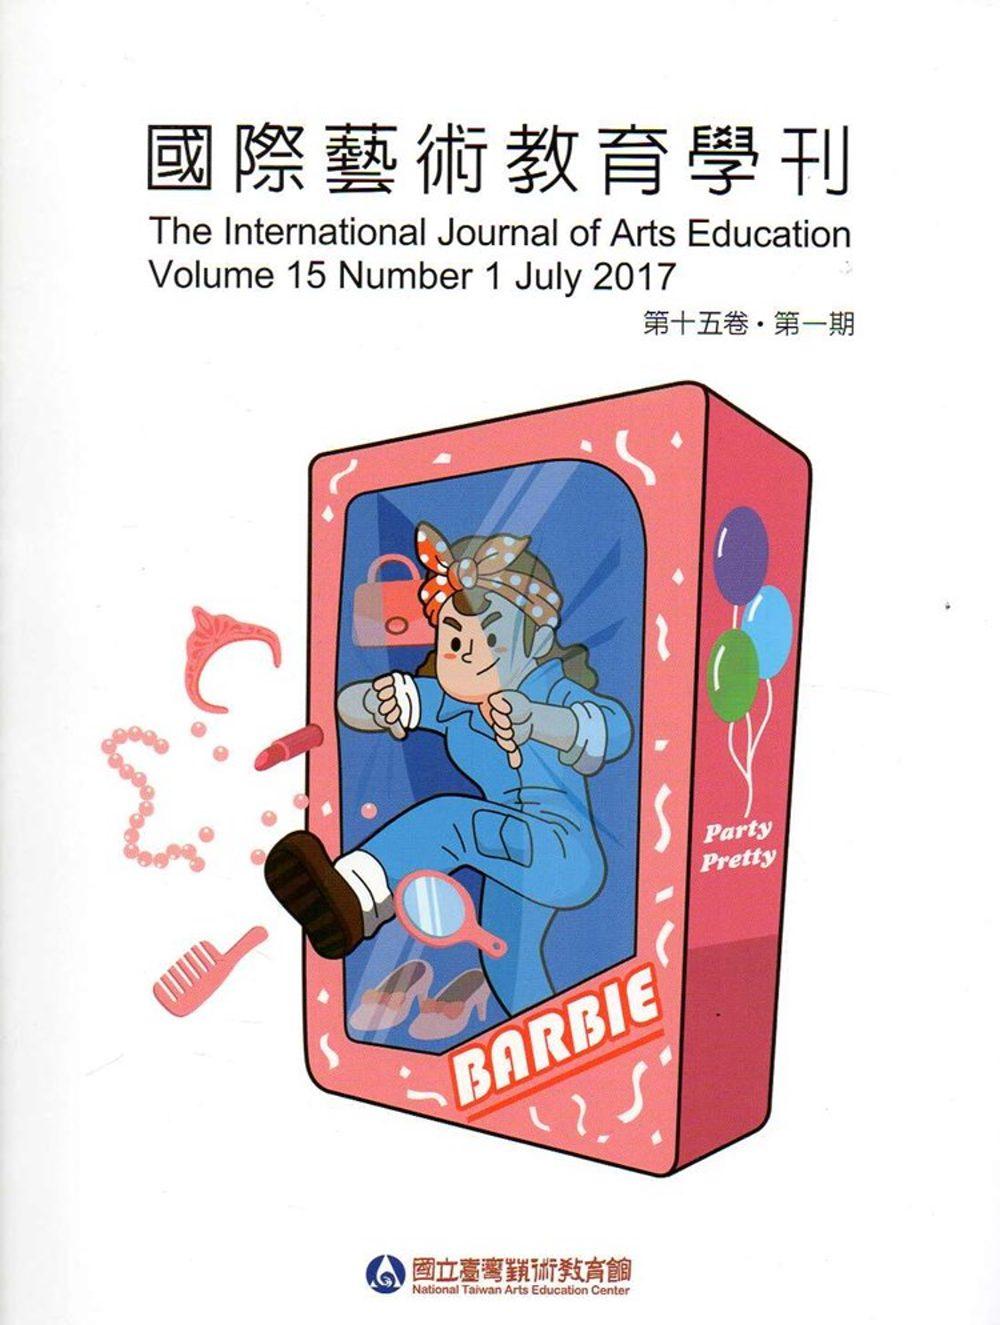 國際藝術教育學刊第15卷1期(2017/07)半年刊